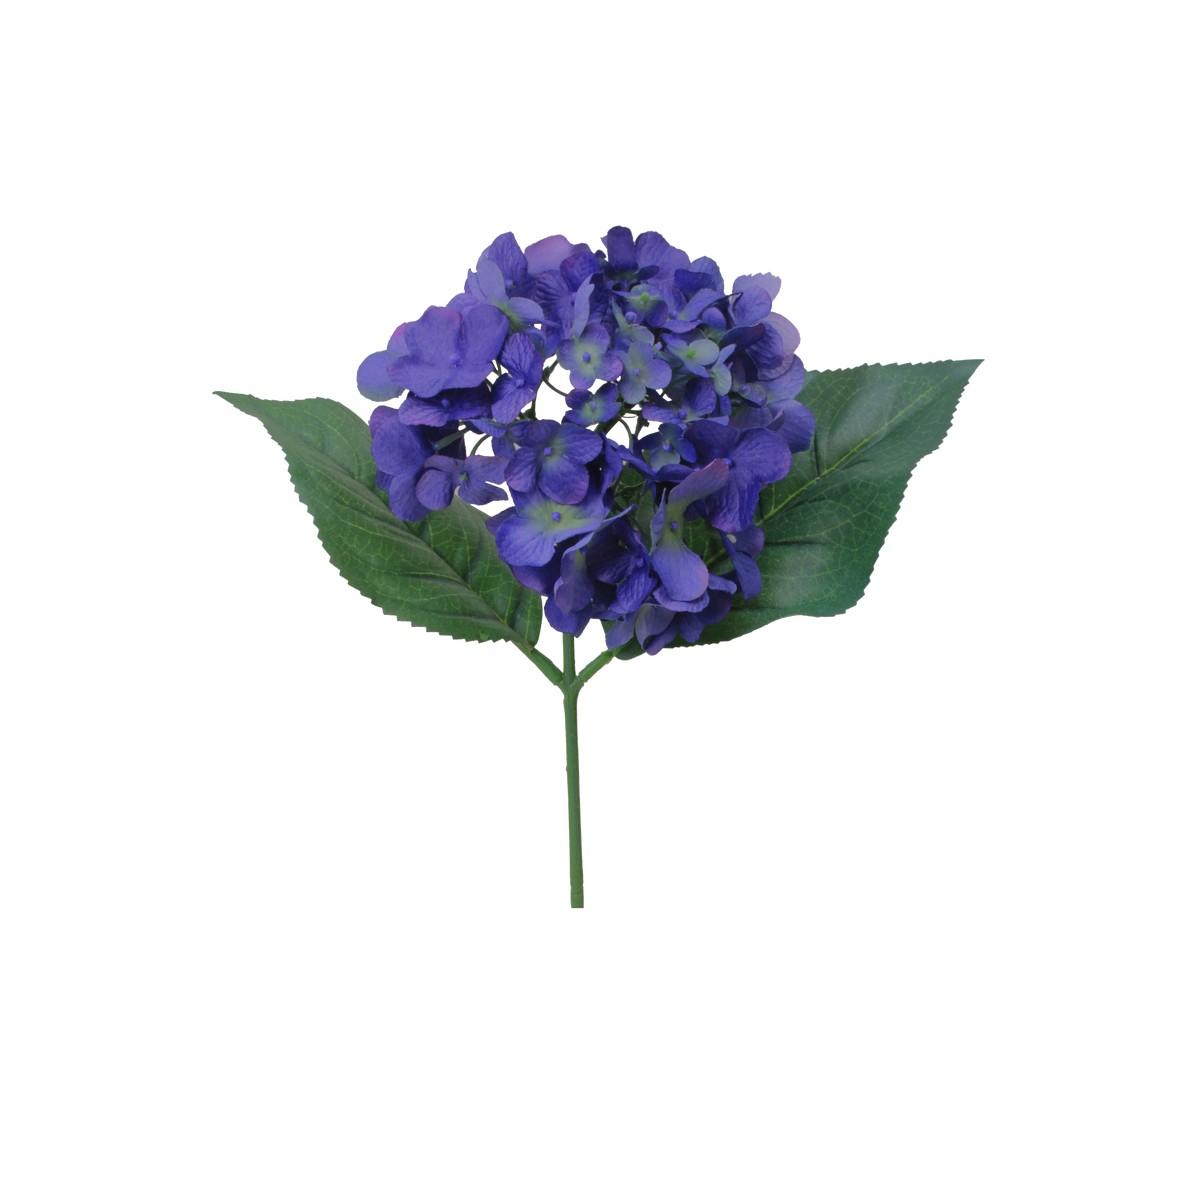 【造花】パレ/ハイドランジアピック ブルー/P-8284-70|造花 バラ【01】【取寄】[12本]